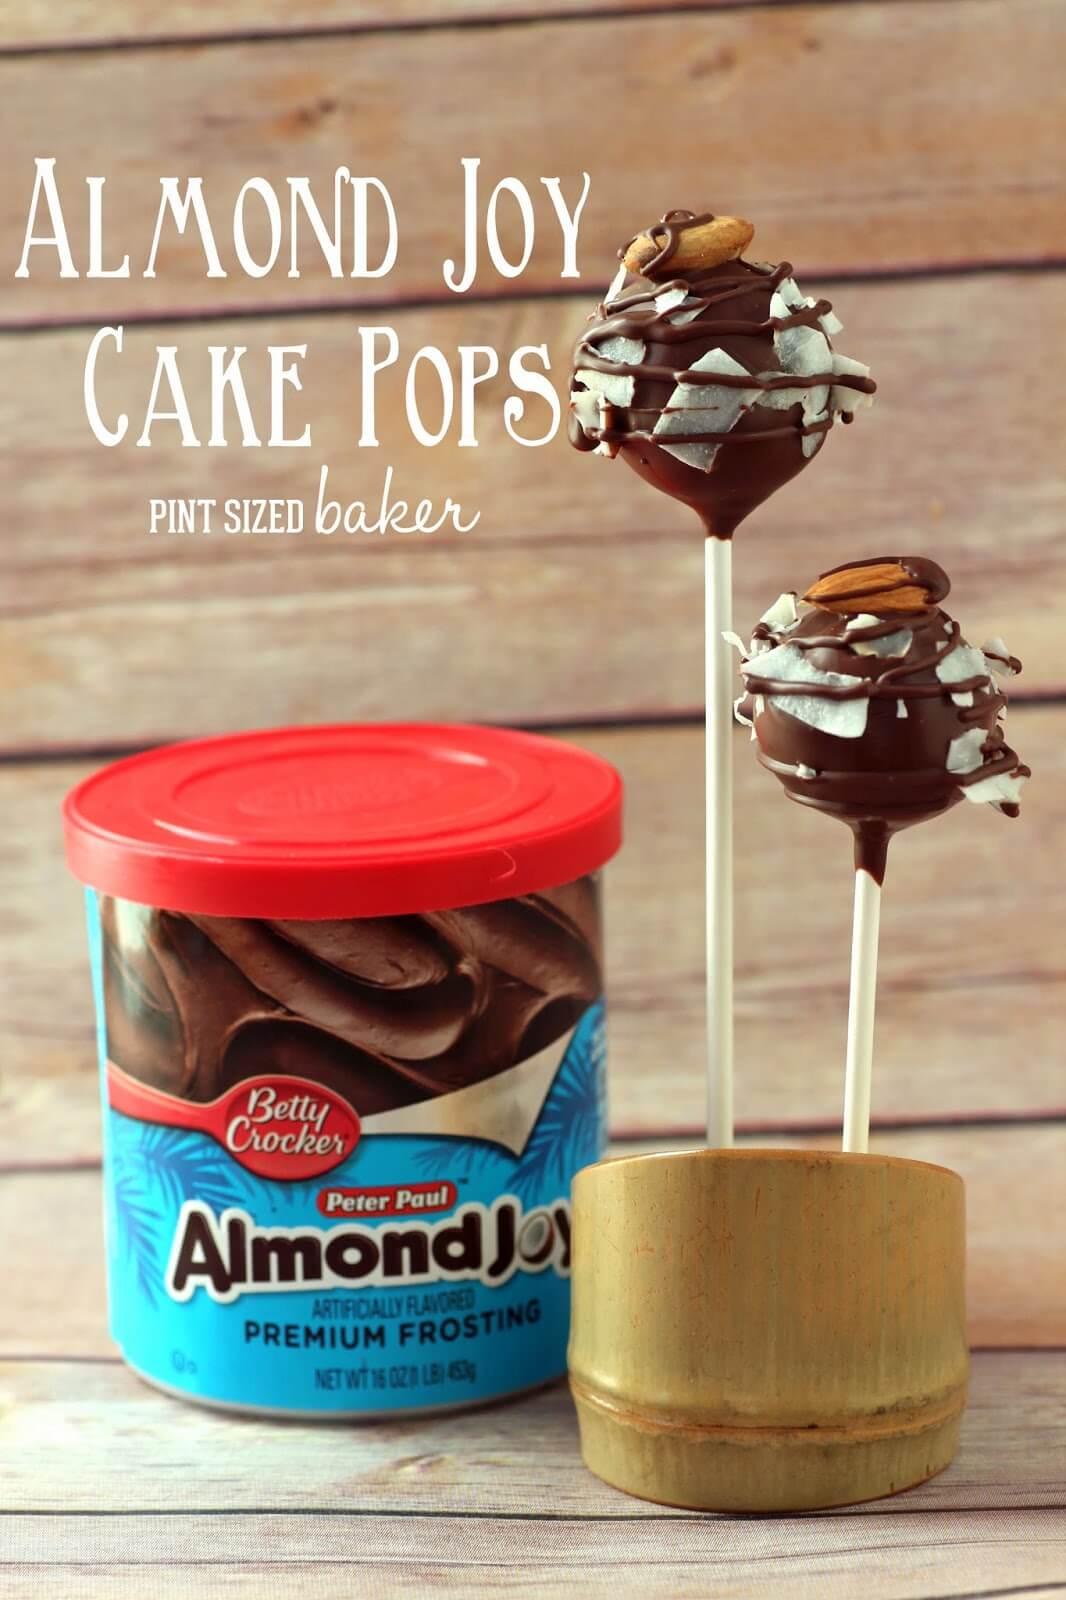 Almond Joy Cake Pops